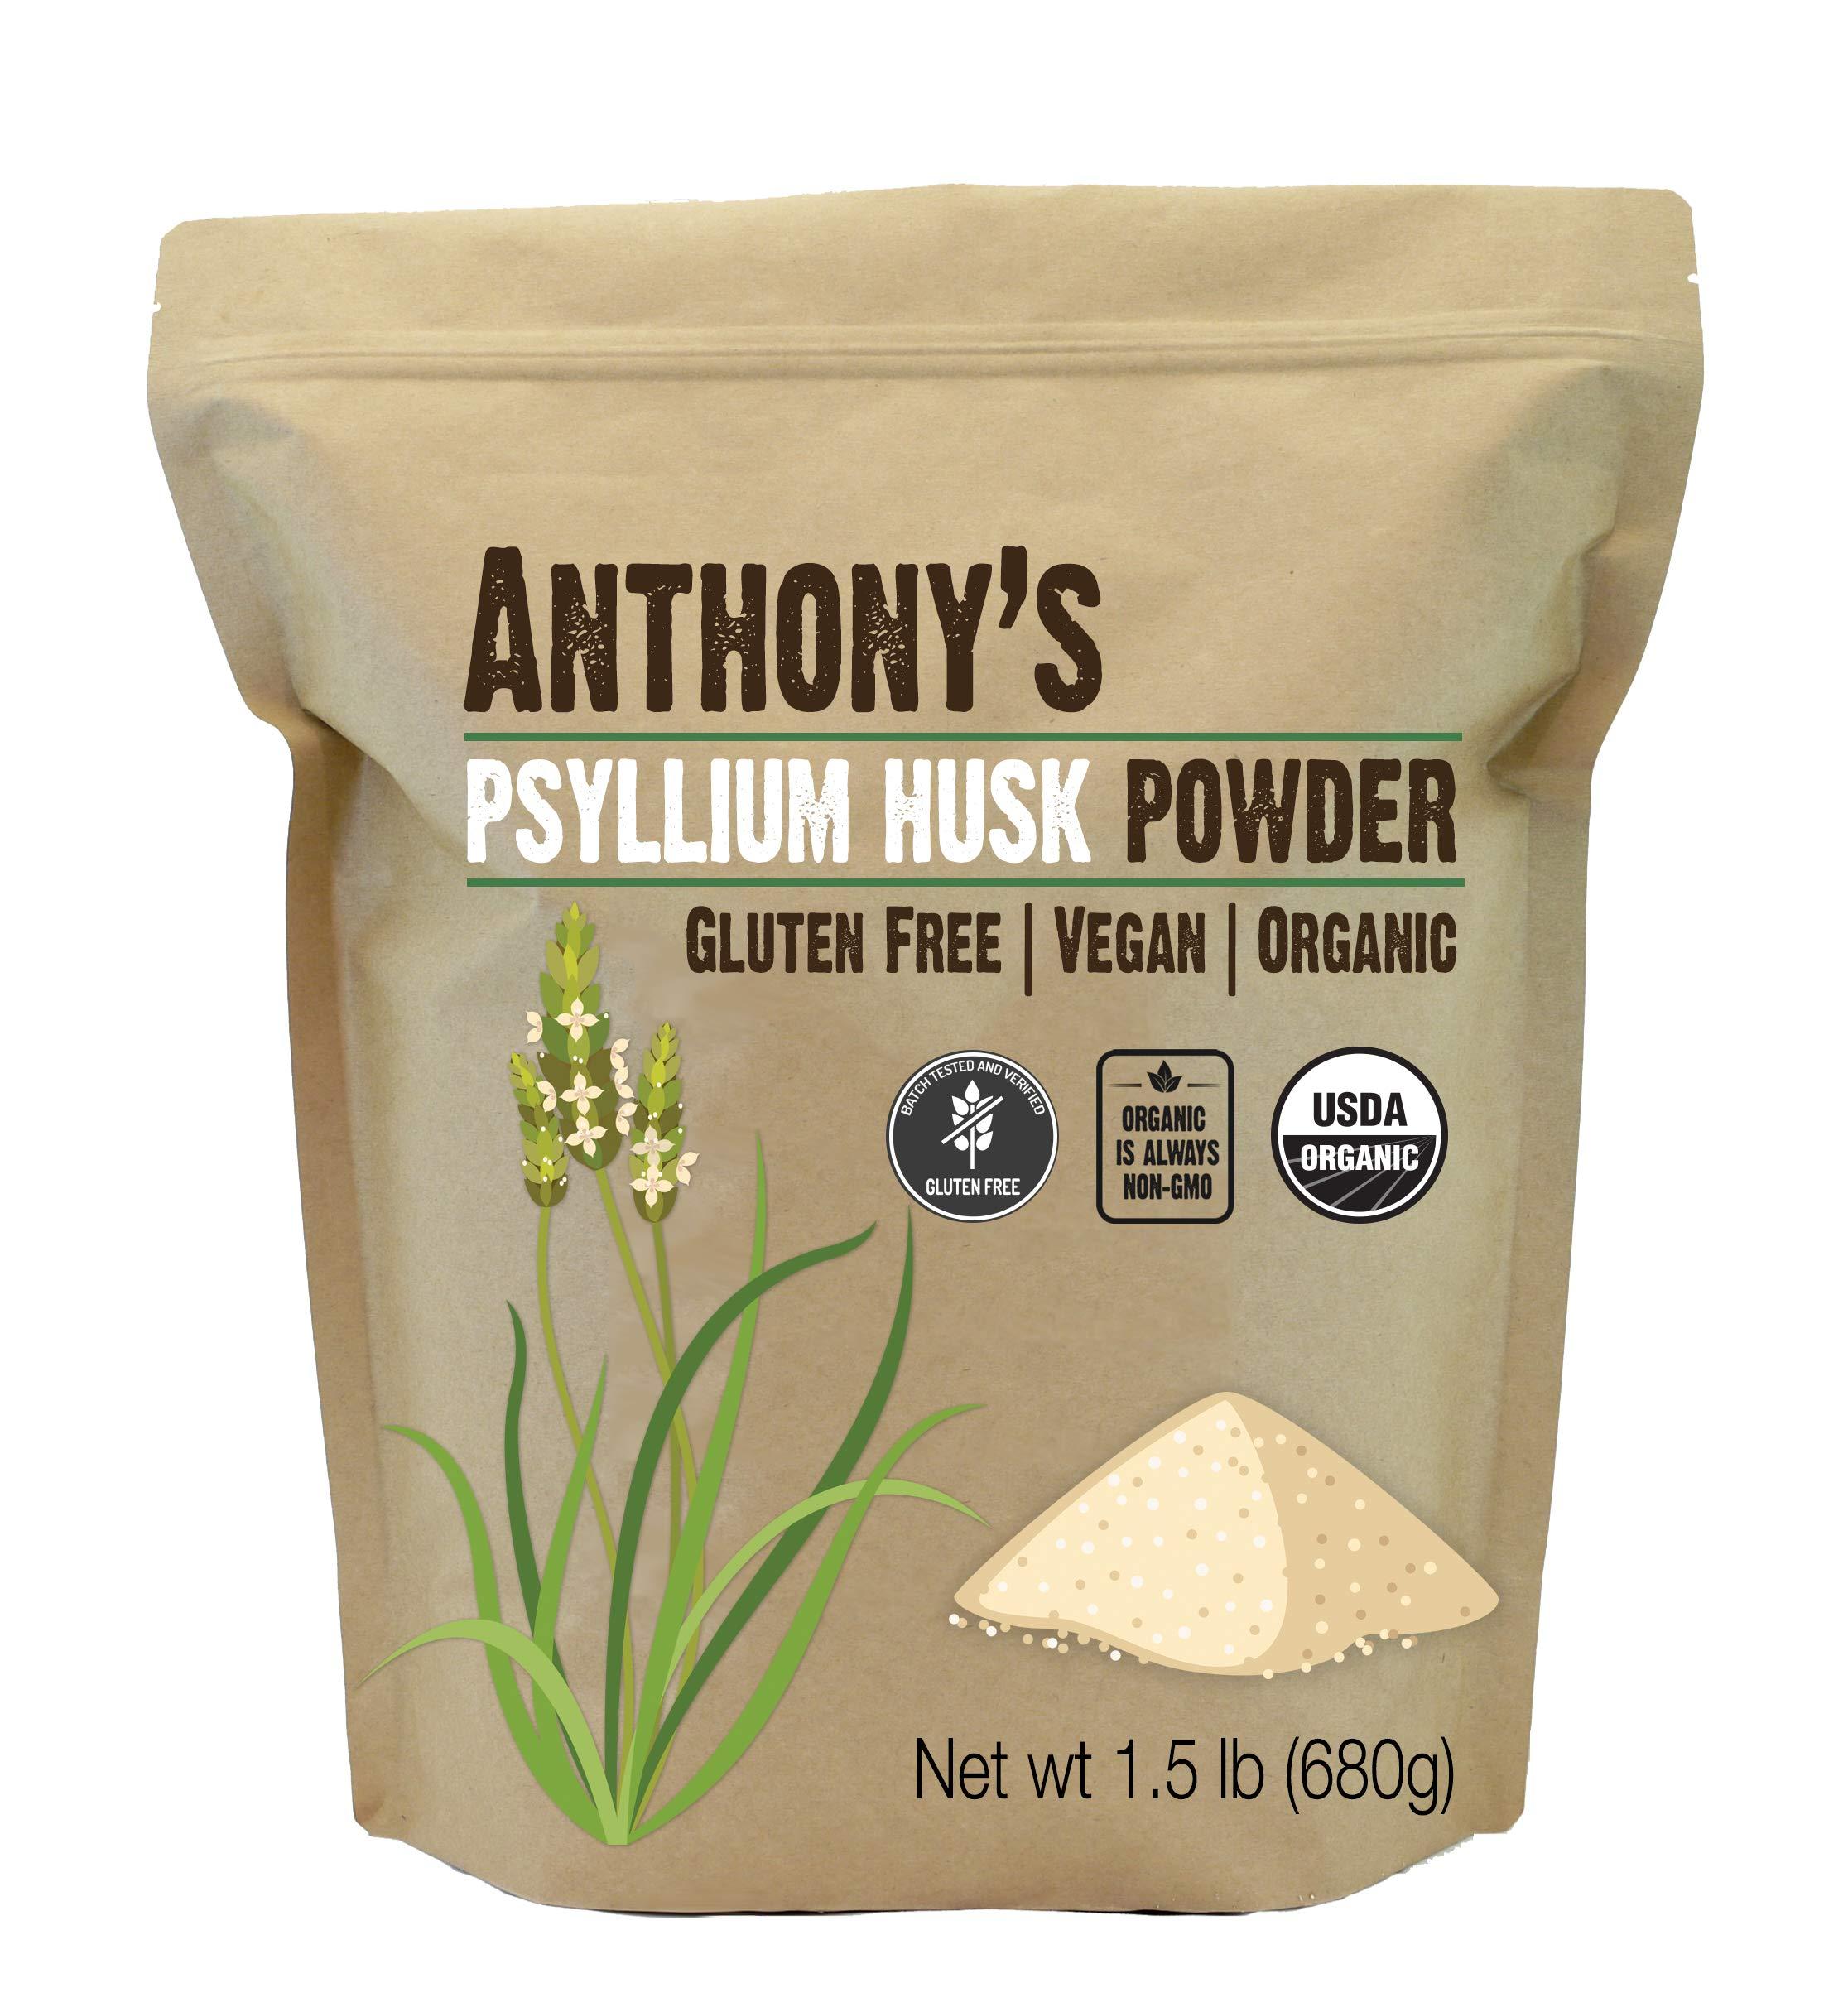 Anthony's Organic Psyllium Husk Powder, 1.5lb, Gluten Free, Non GMO, Finely Ground, Keto Friendly by Anthony's